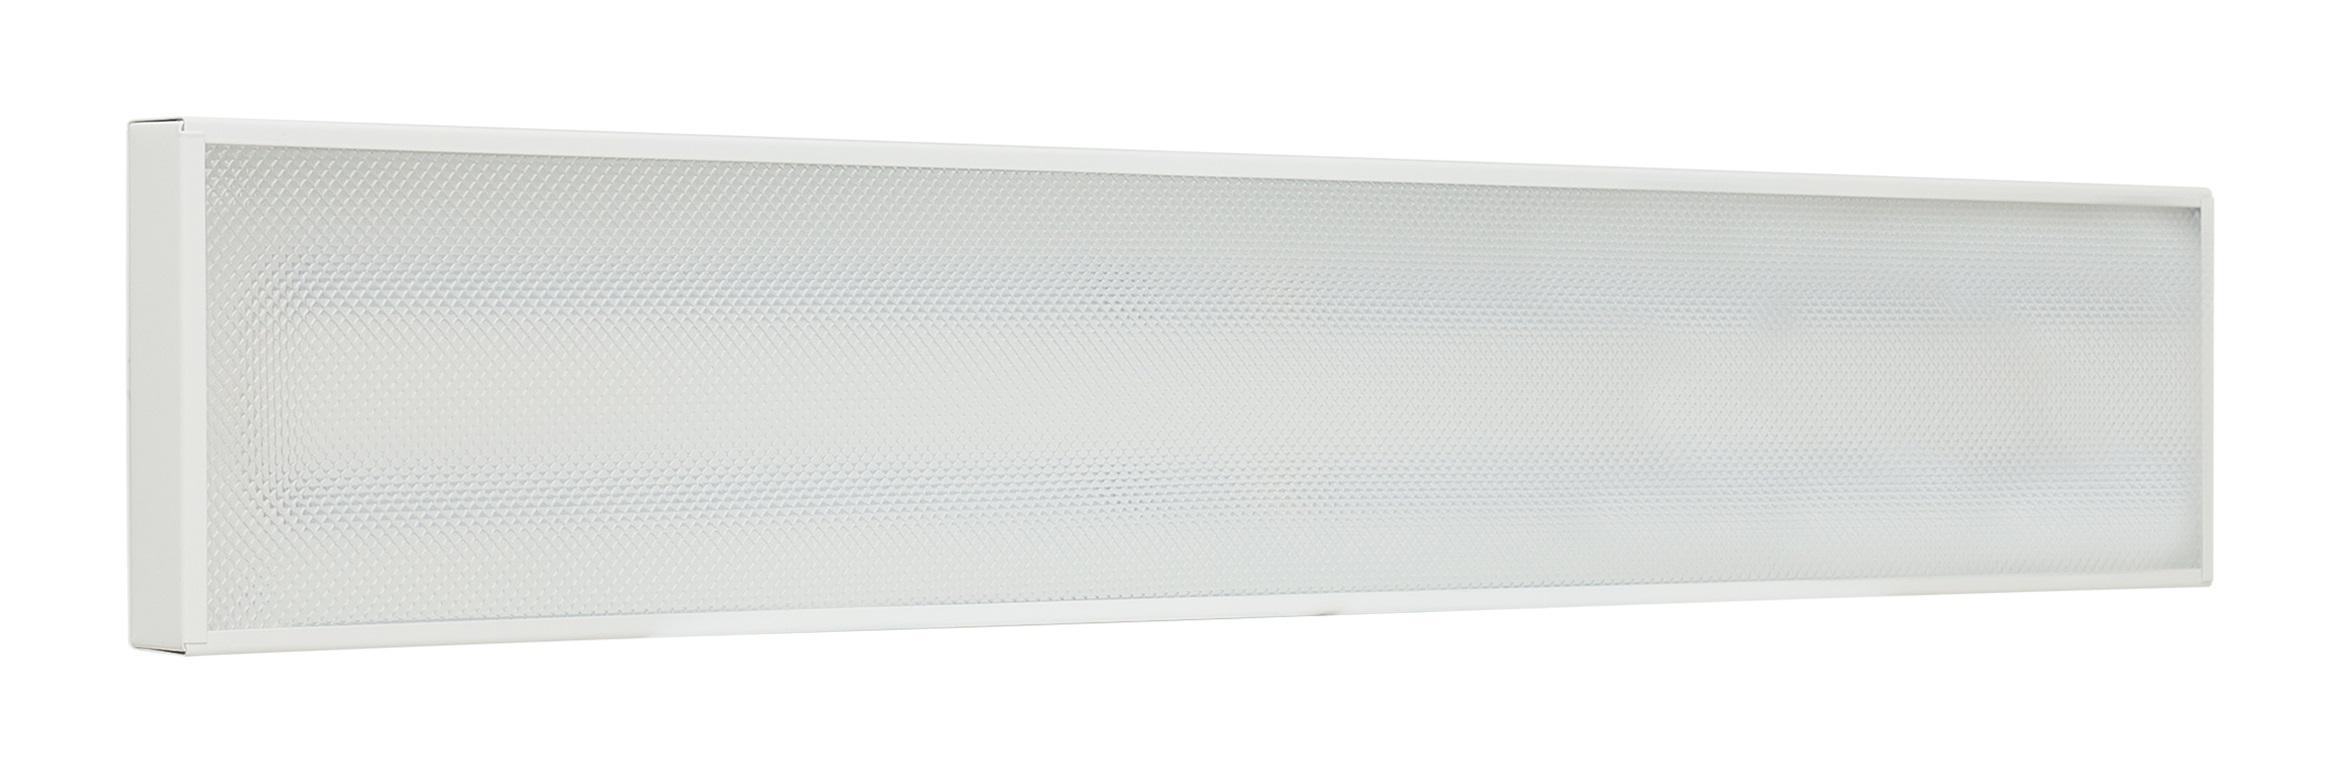 Офисный светодиодный светильник LedNik ПСО 24 (600мм)